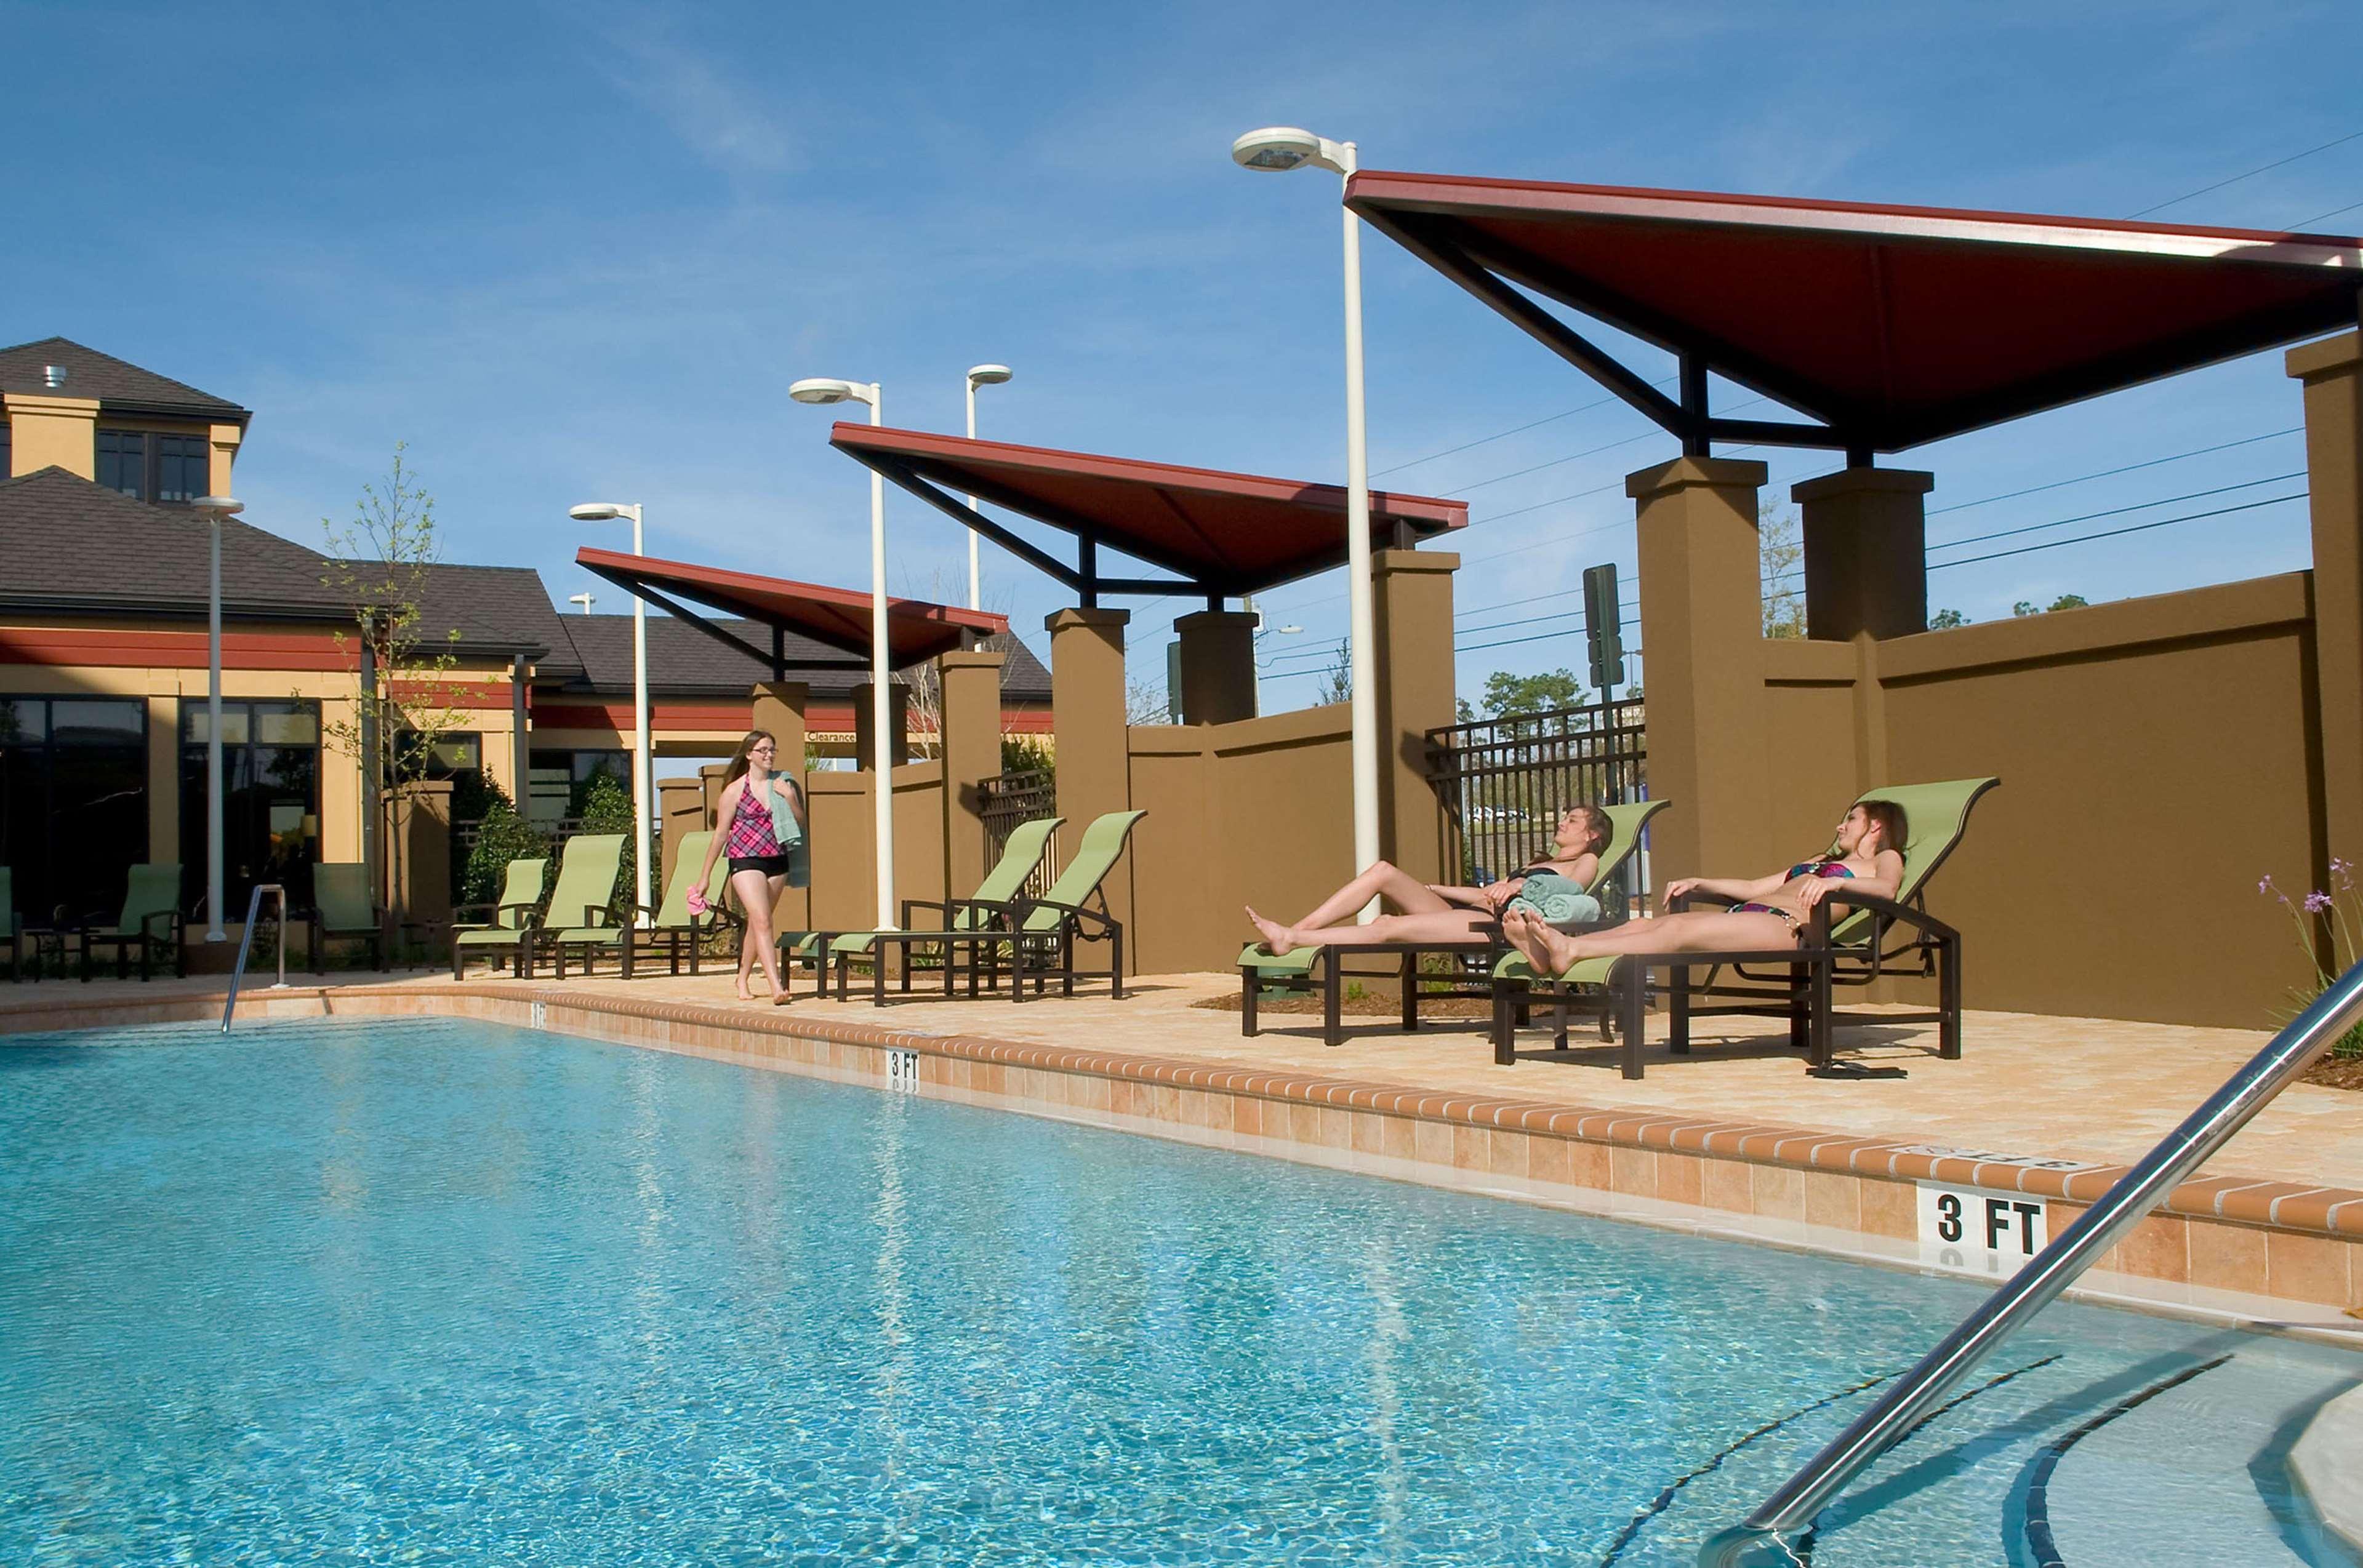 Hilton Garden Inn Pensacola Airport - Medical Center image 5